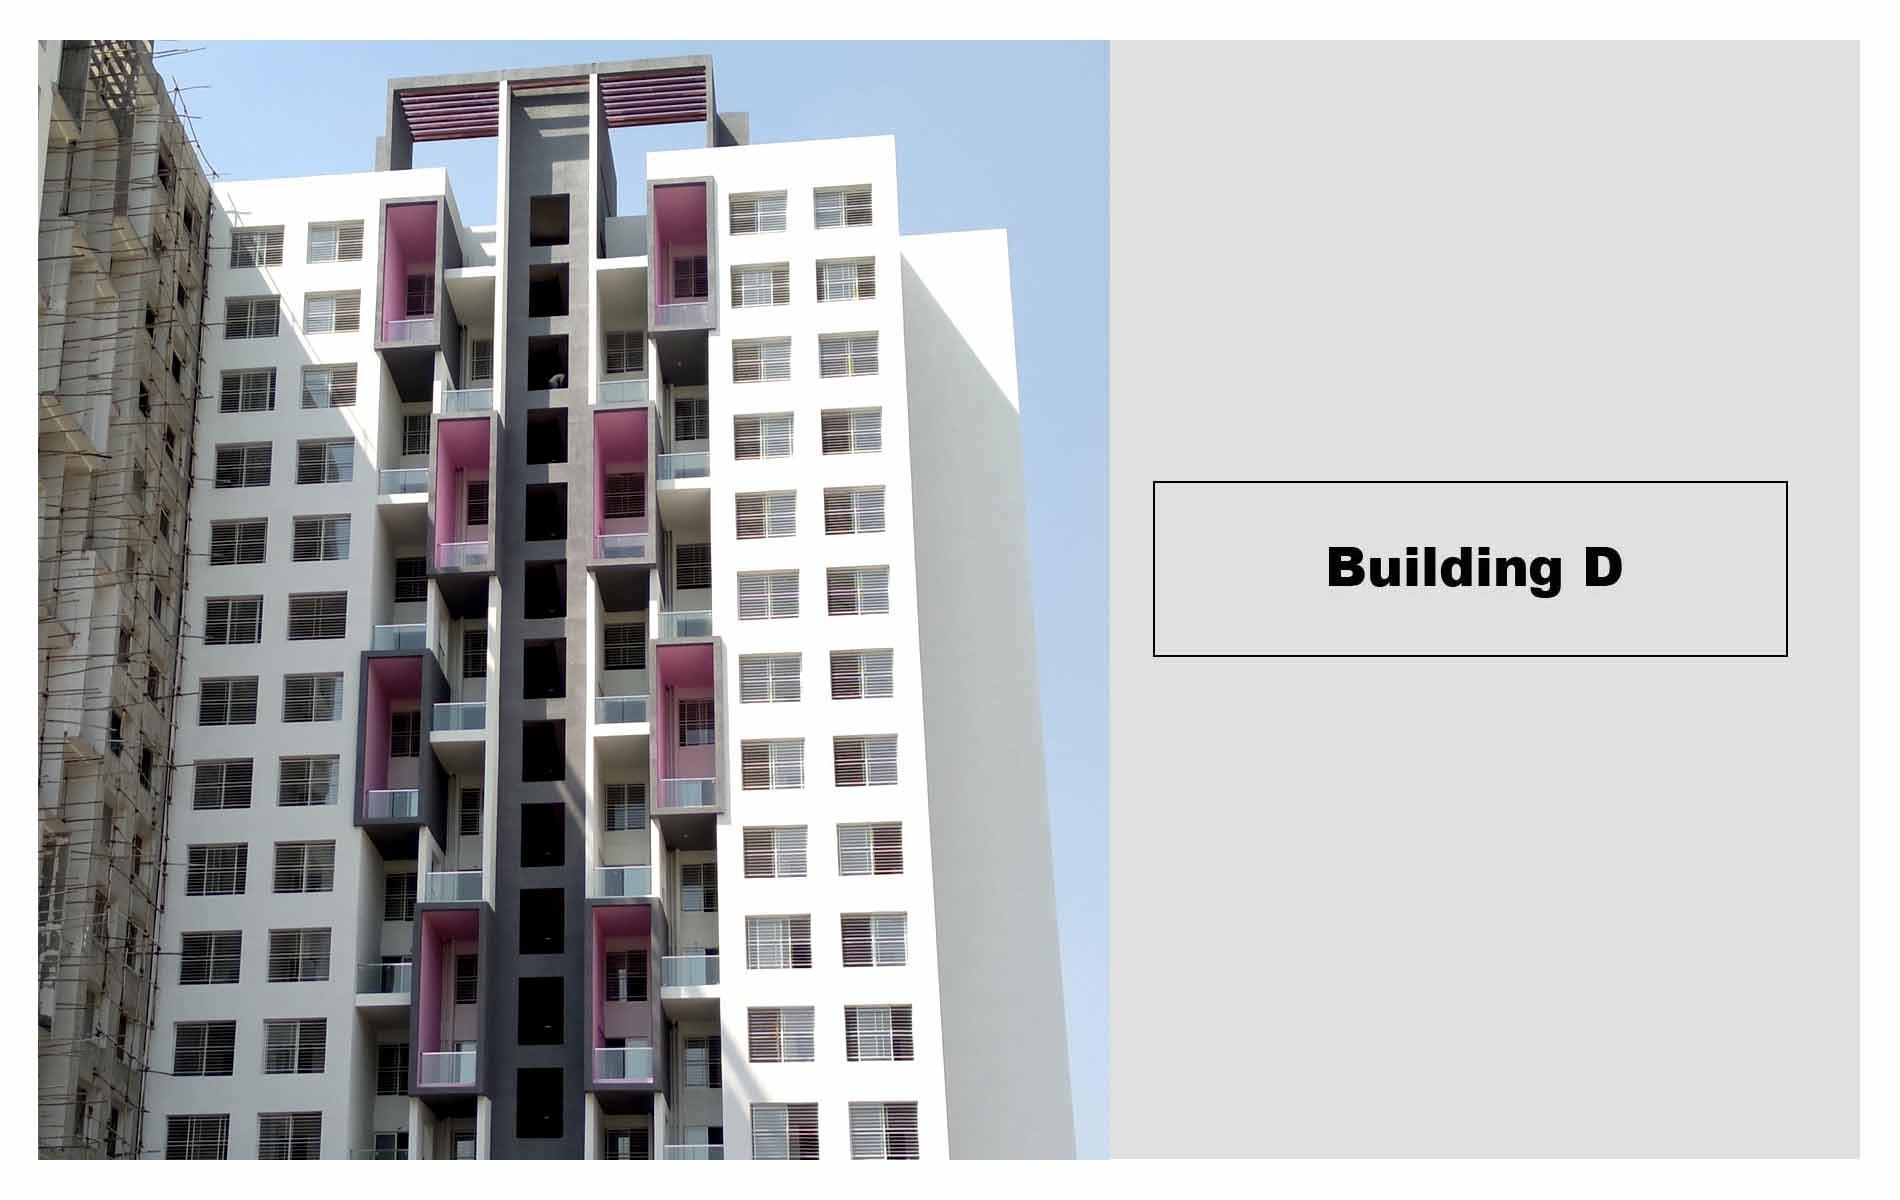 Building D